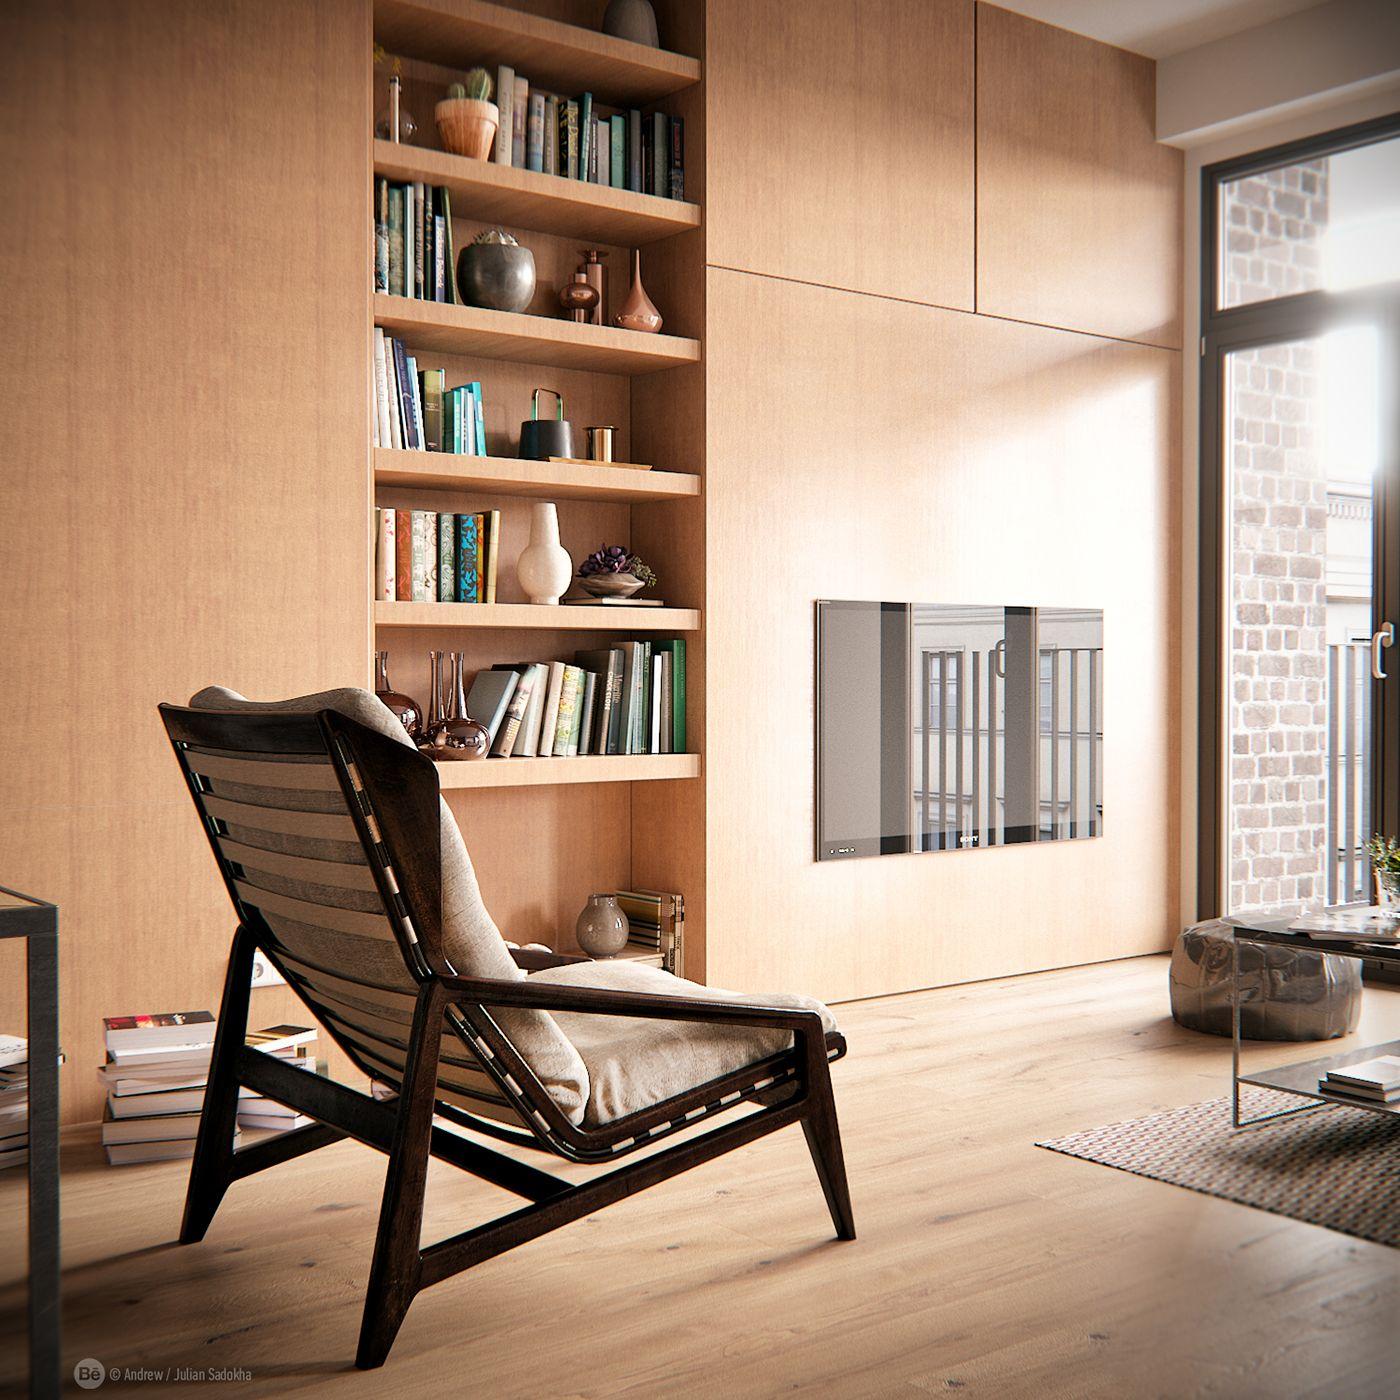 Maisonette Apartments in London on Behance